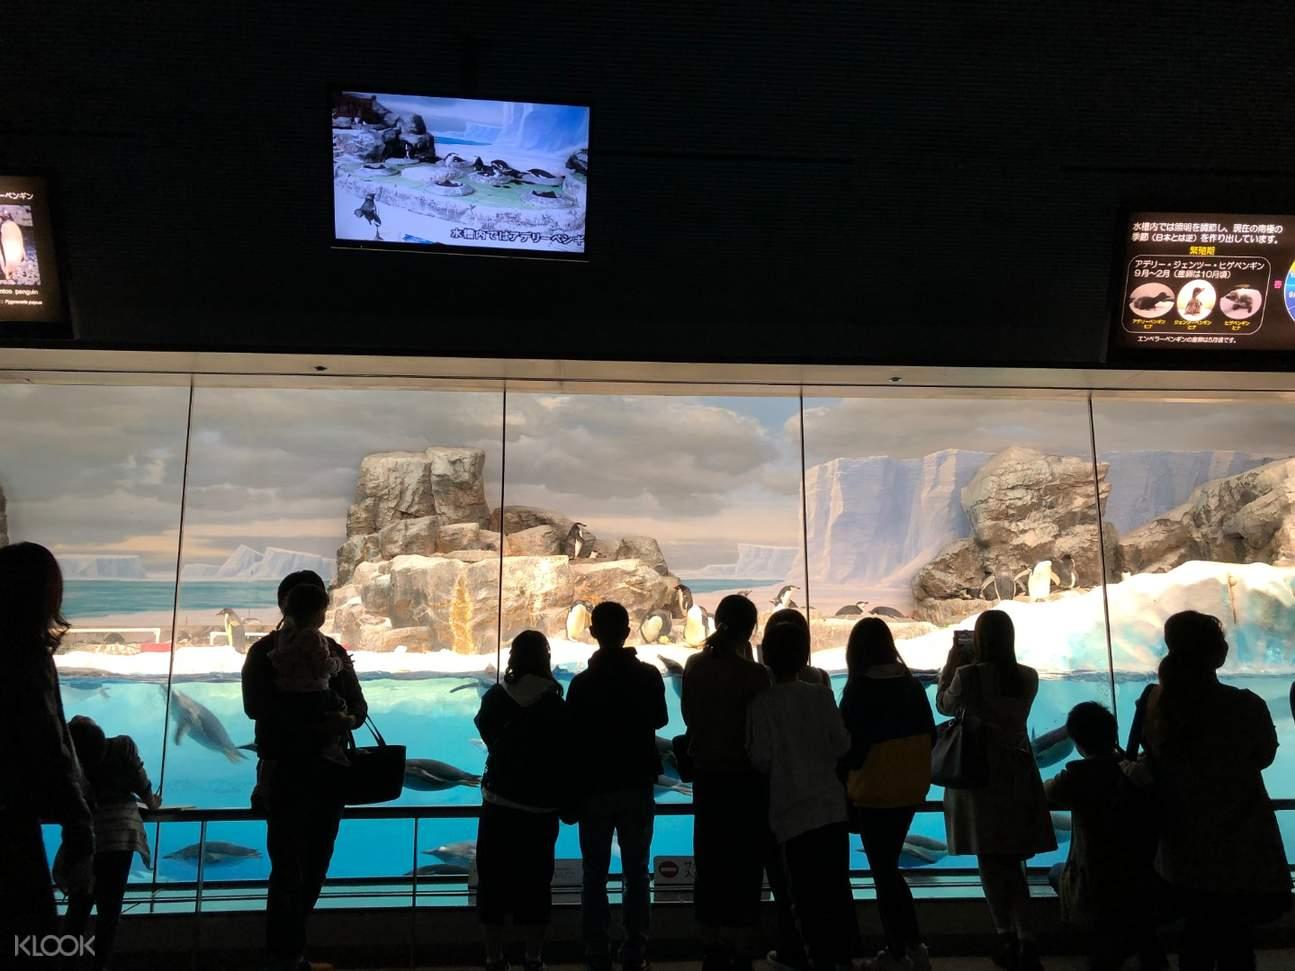 企鵝日本名古屋港水族館